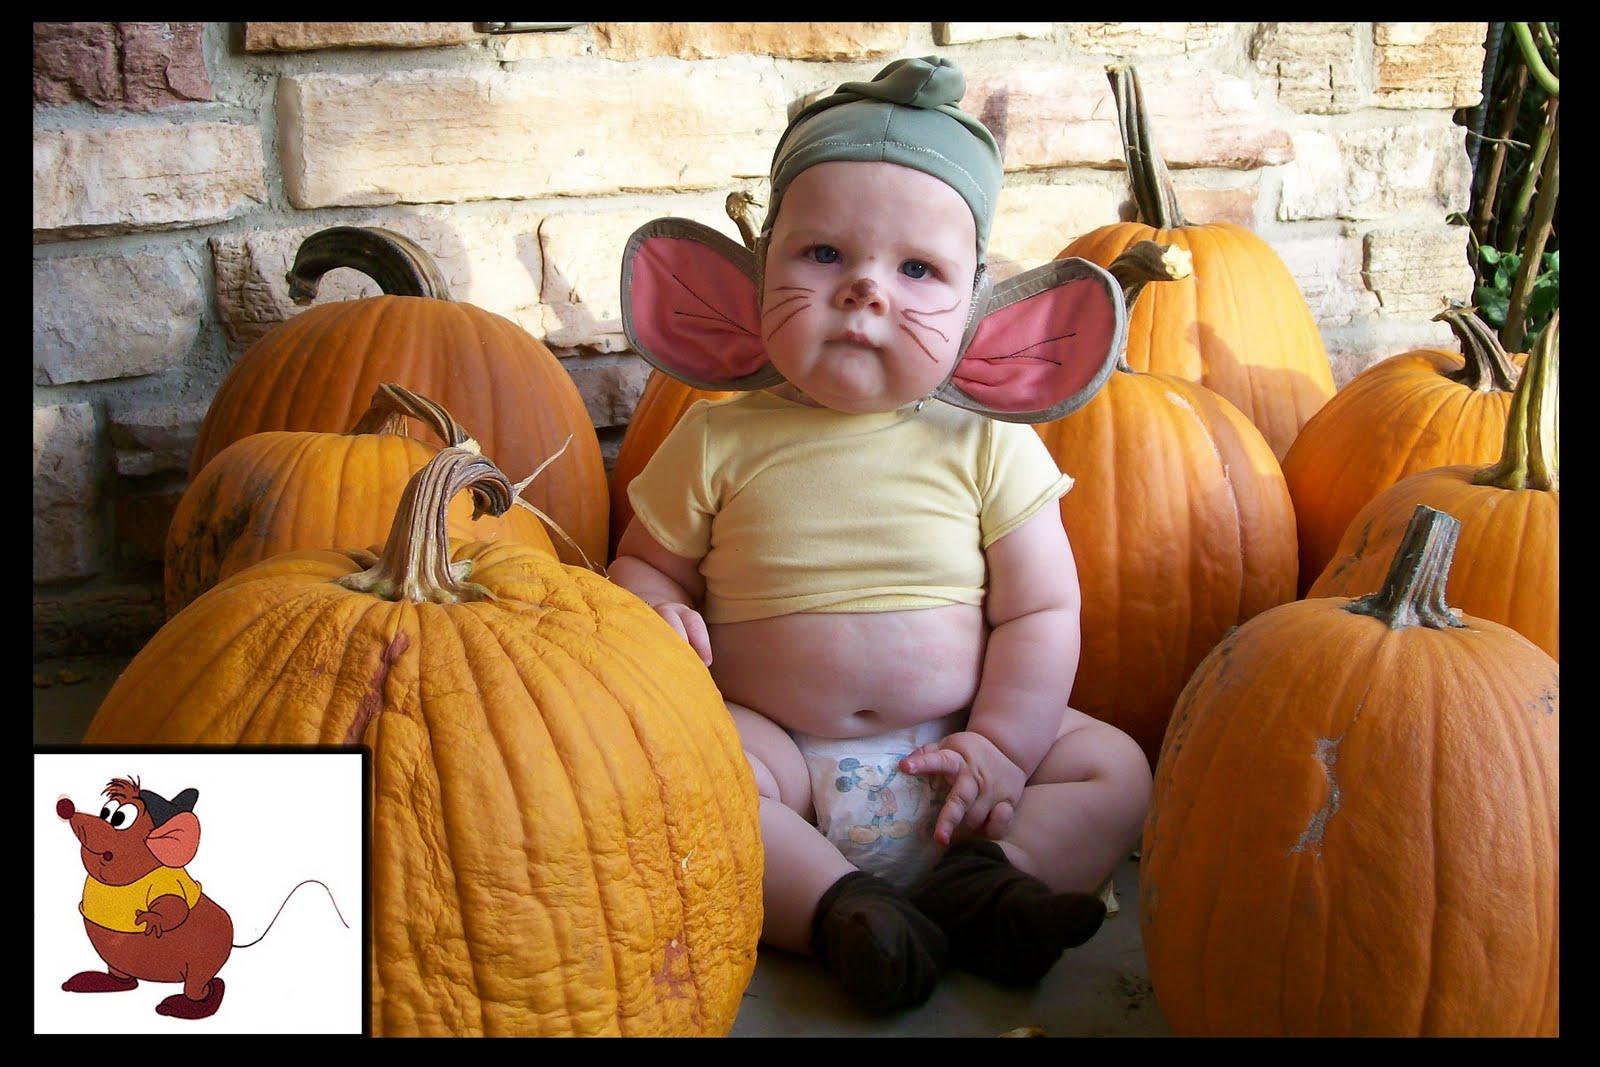 http://1.bp.blogspot.com/_KmOxAjZL5Uk/TFlu7e_ox_I/AAAAAAAAAbE/h99NnzLcRR8/s1600/halloween+contest.jpg